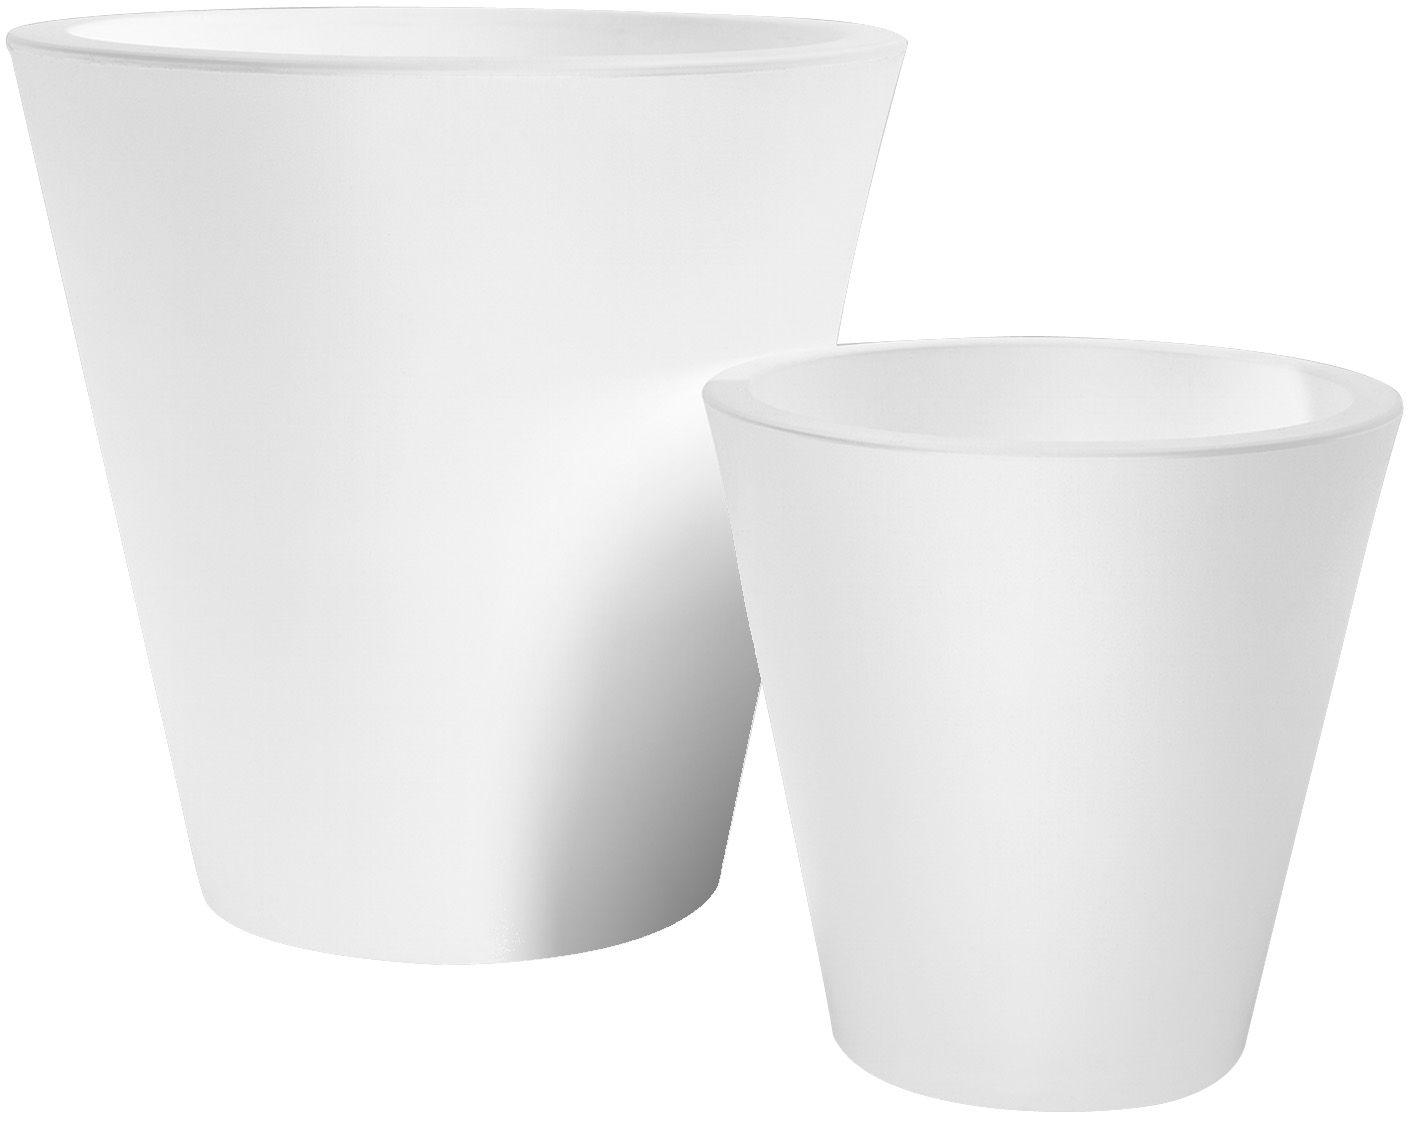 Outdoor - Vasi e Piante - Vaso per fiori New Pot - h 70 cm di Serralunga - Bianco - Polietilene